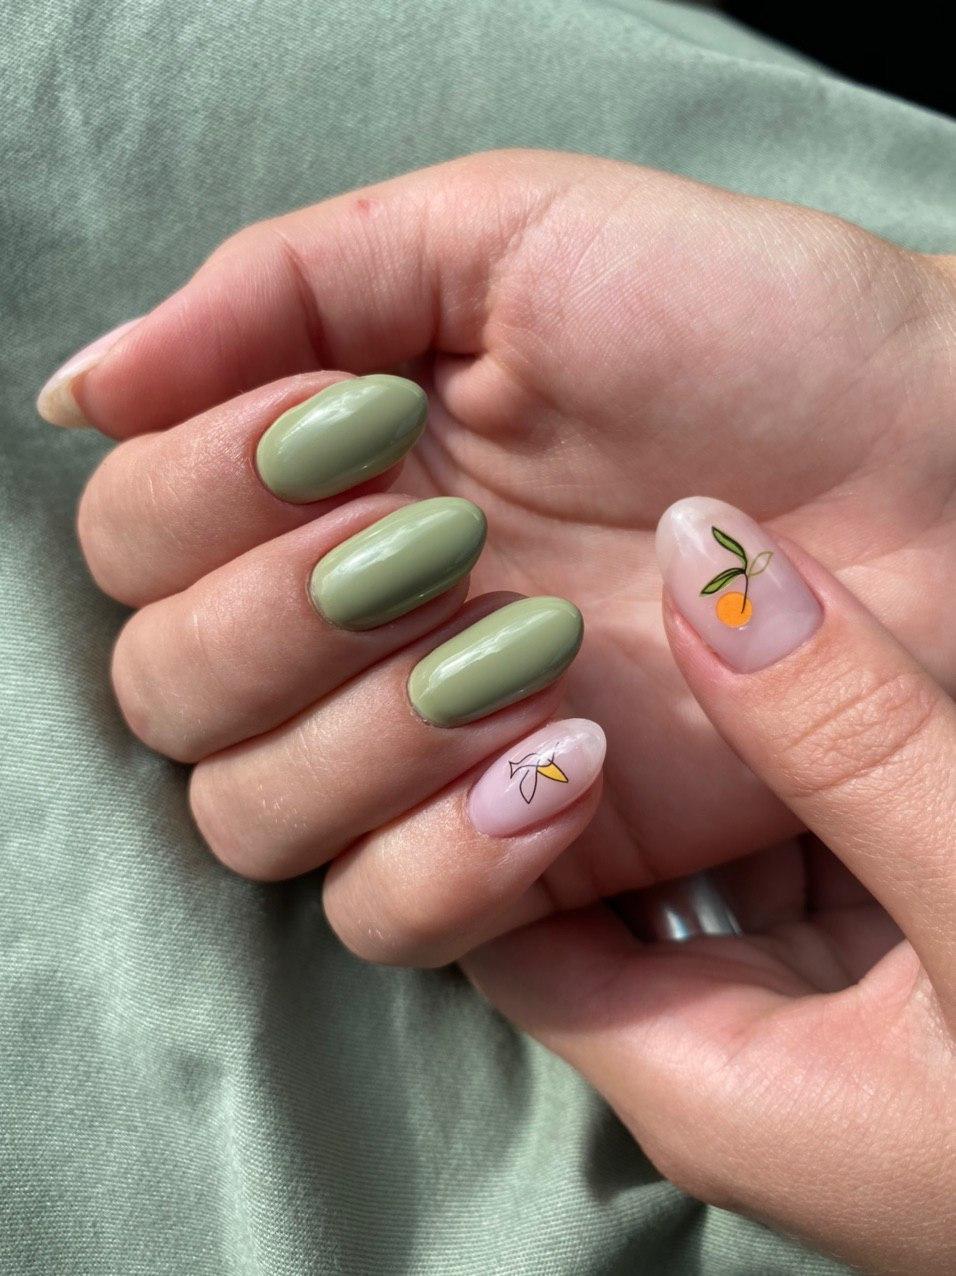 Маникюр со слайдерами в оливковом цвете на длинные ногти.